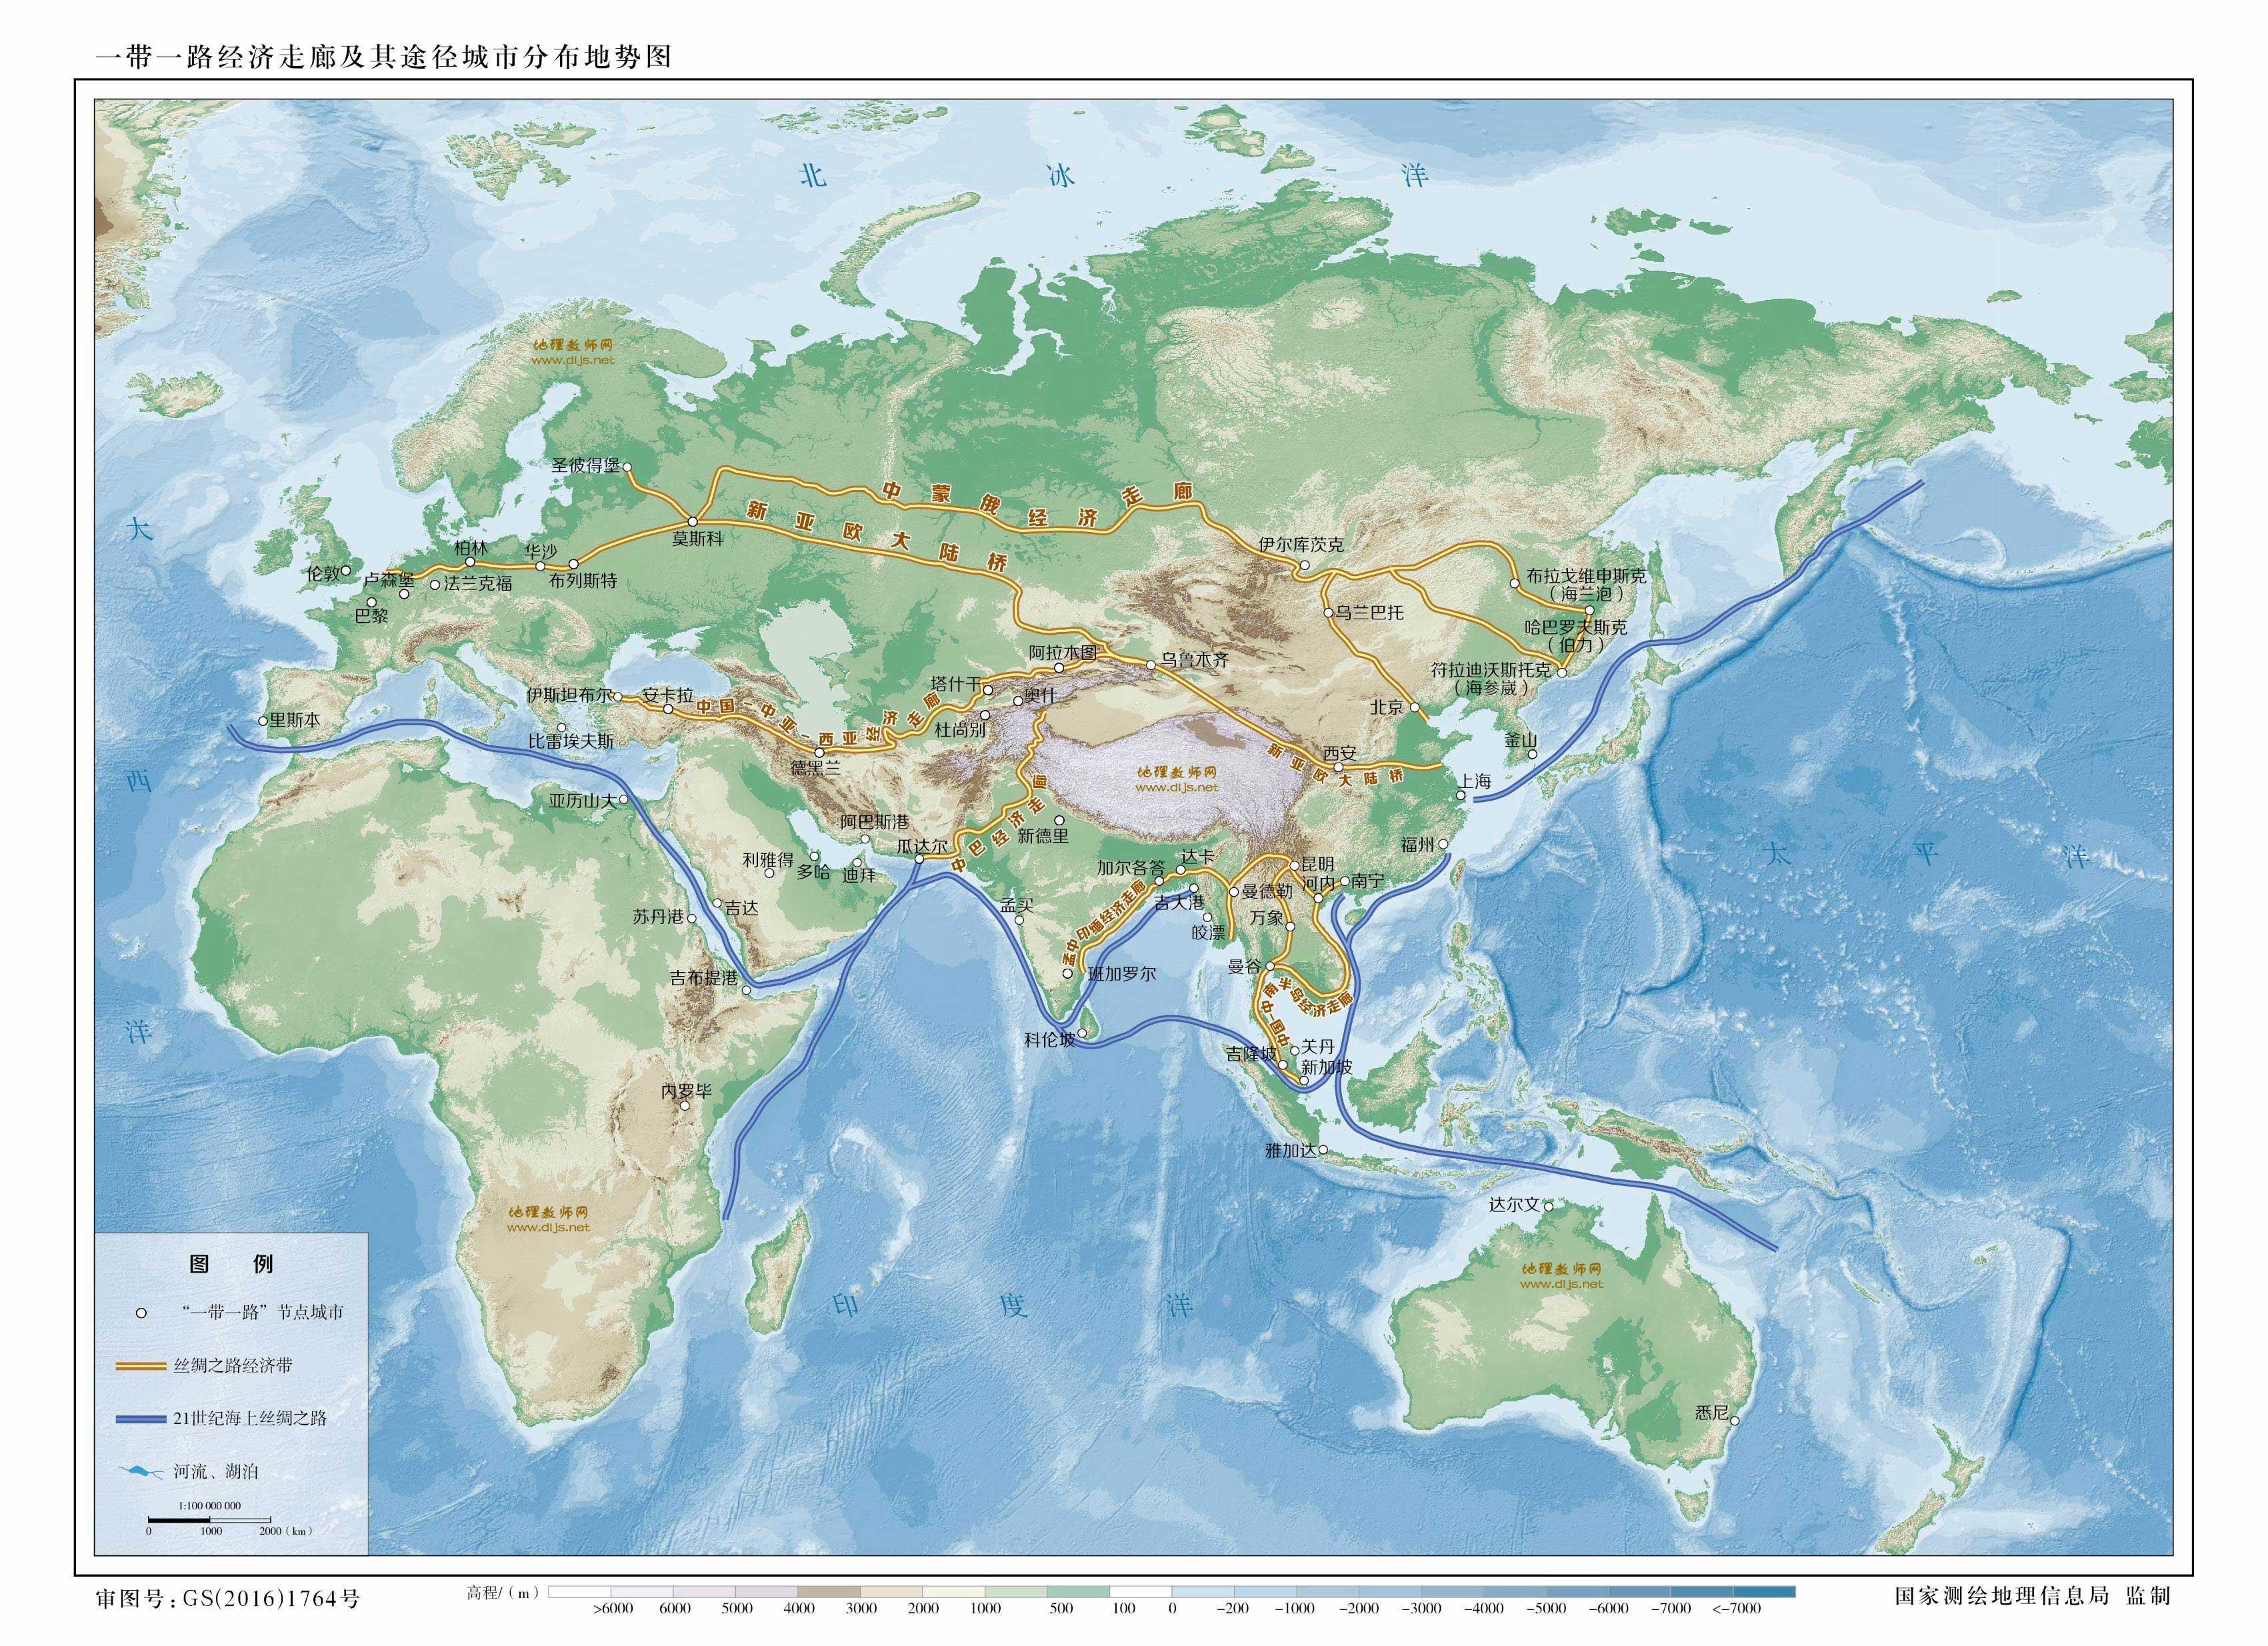 一带一路经济走廊及其途径城市分布地势图